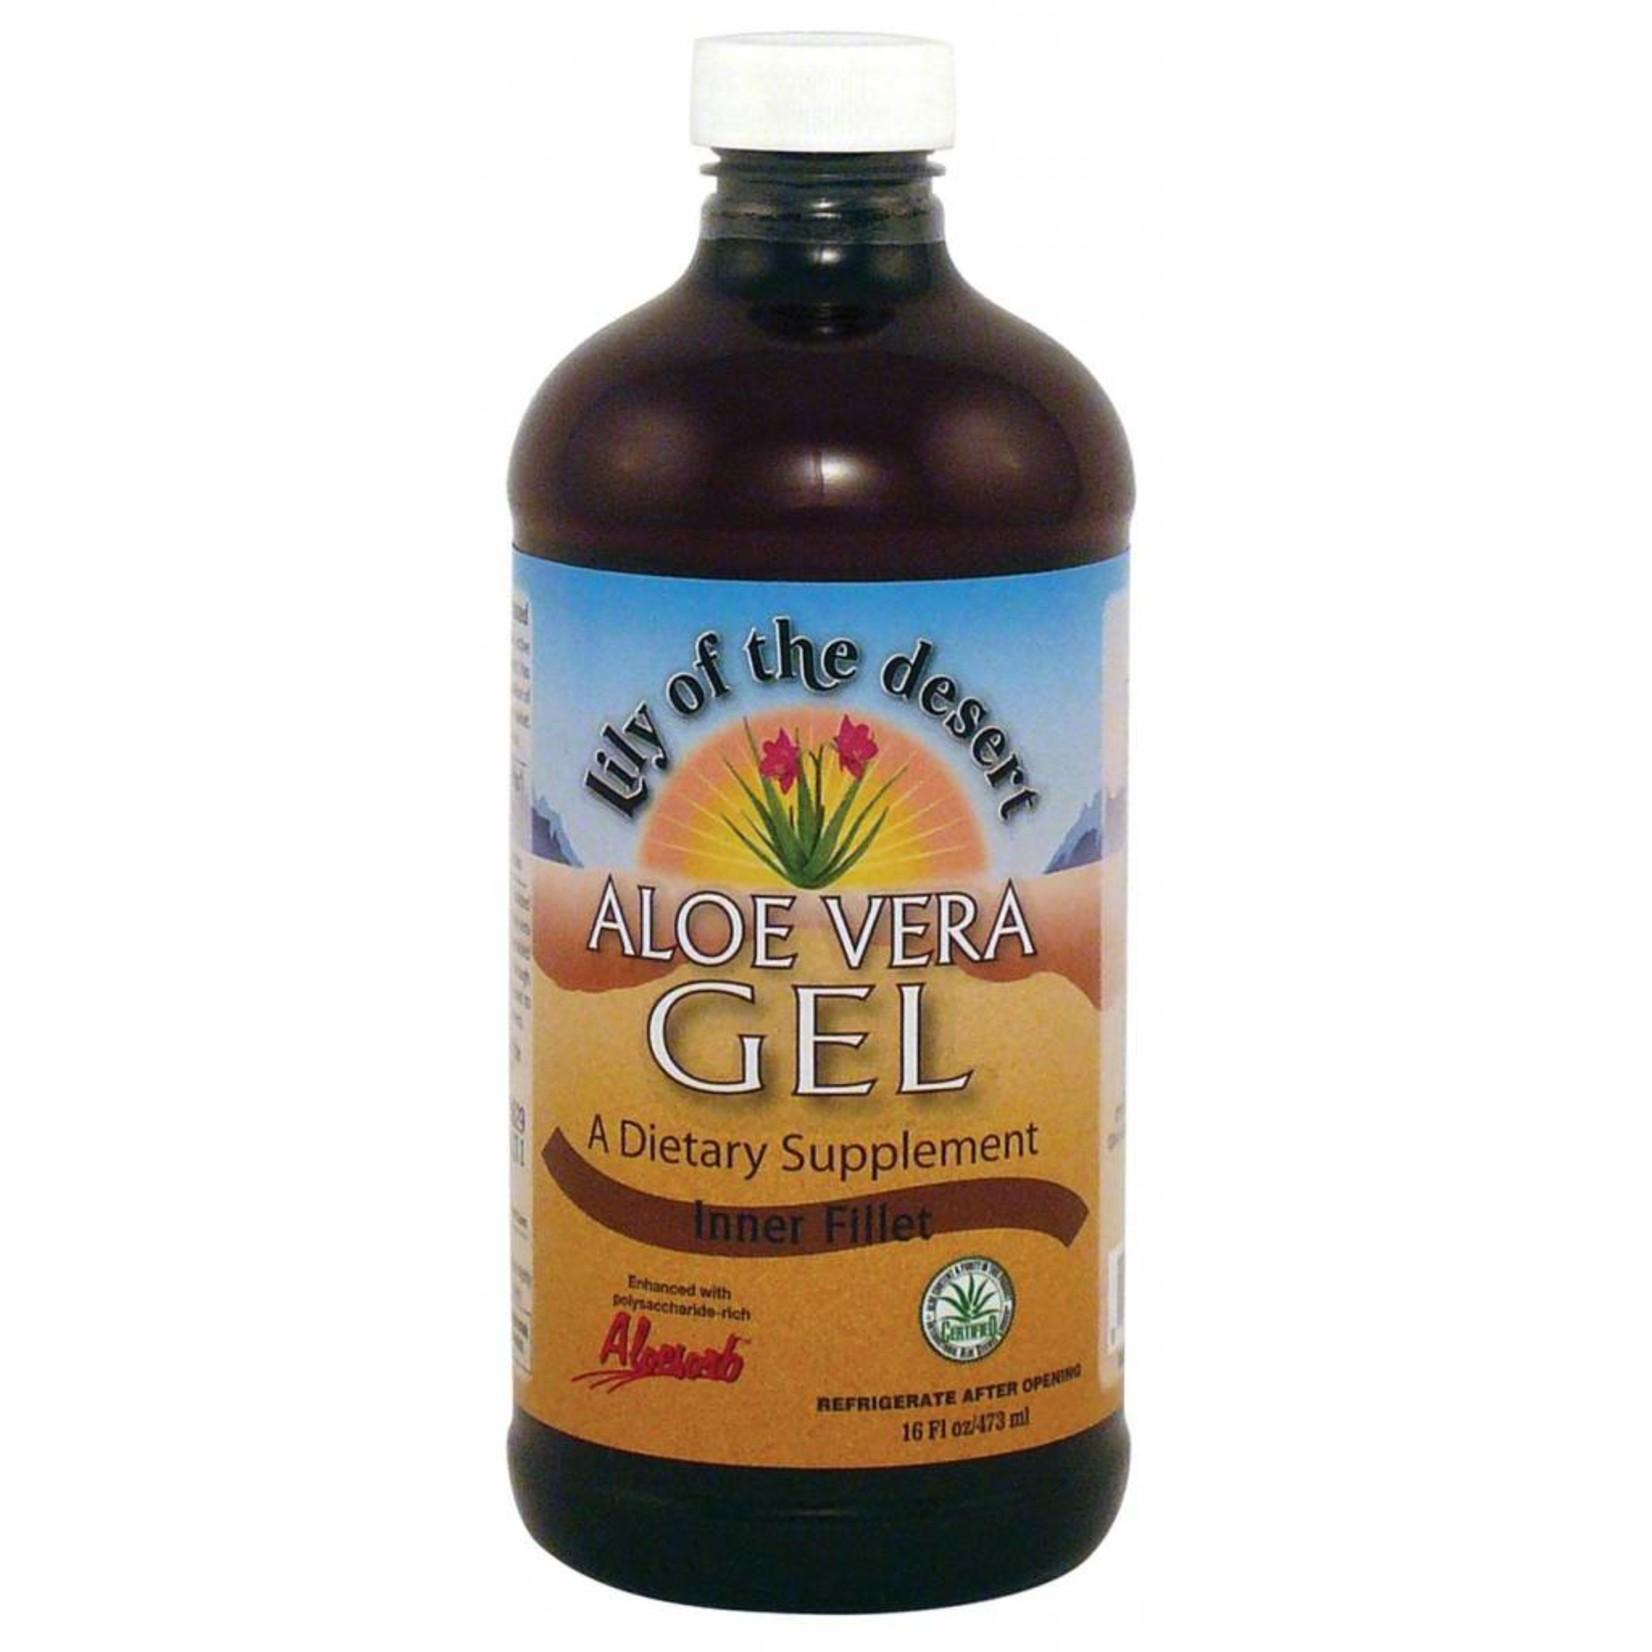 Lily of the Desert Lily of the Desert Aloe Vera Gel Inner Fillet 473 ml